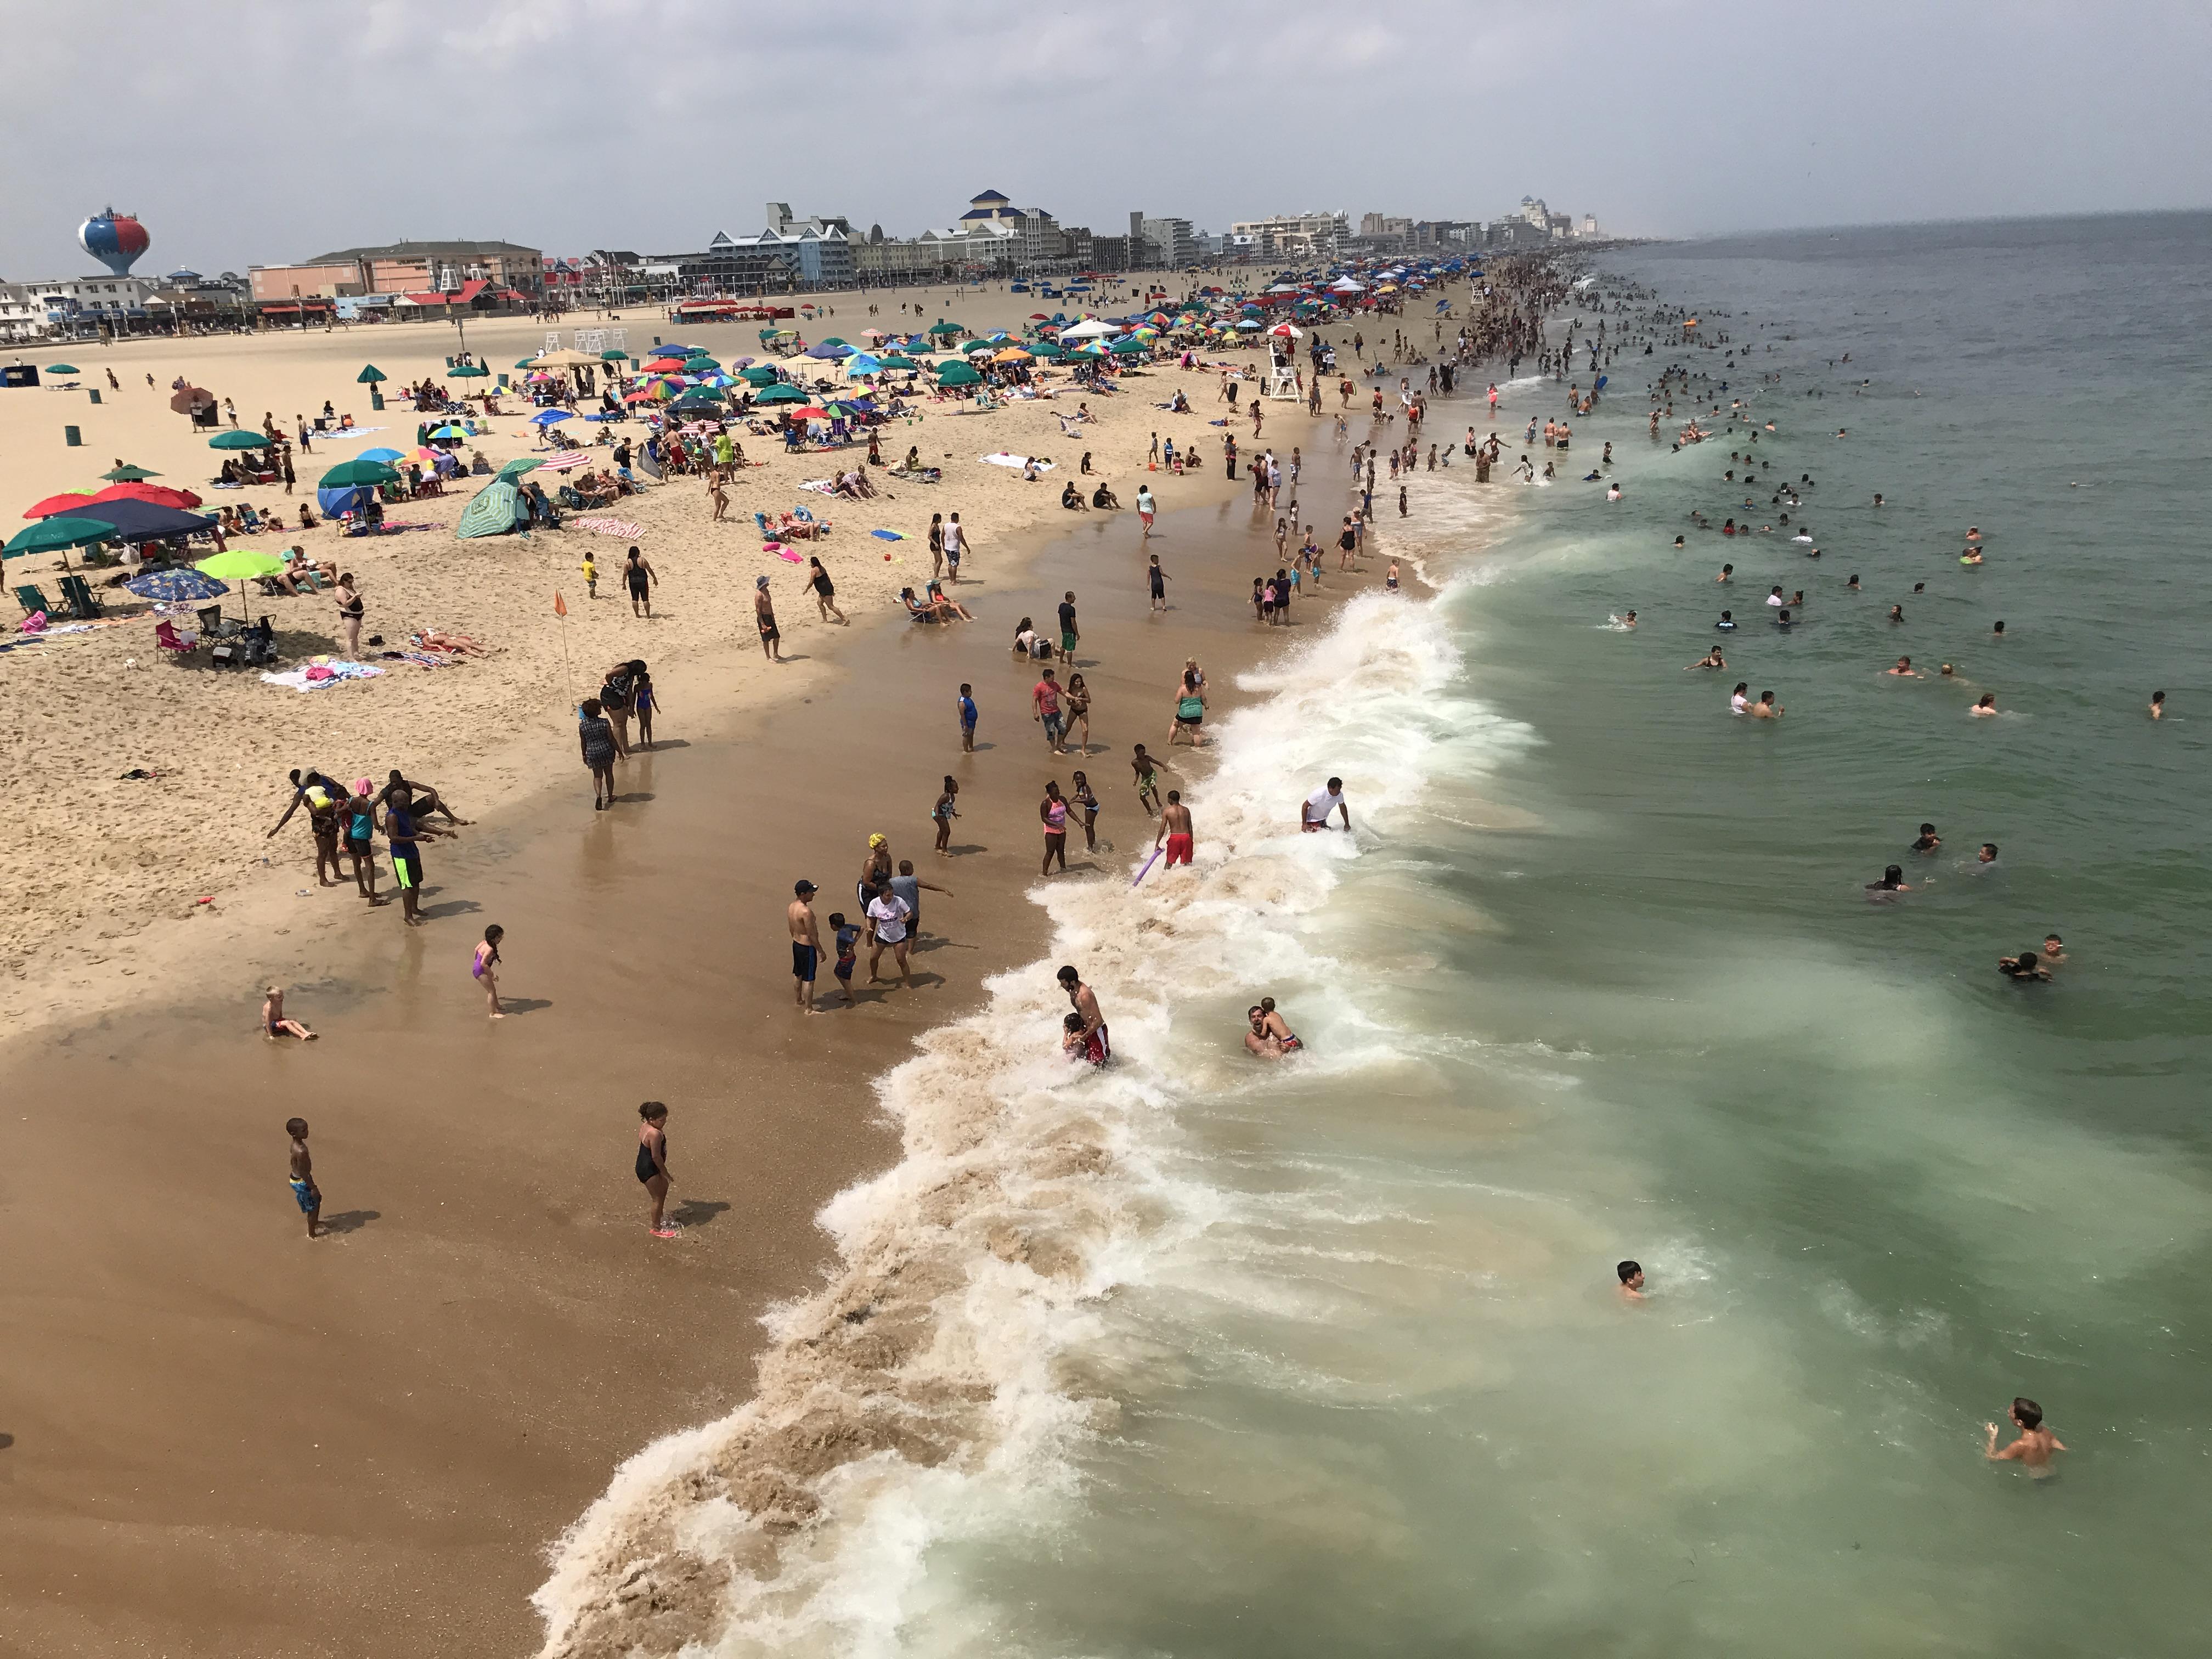 Elfújt a szél egy napernyőt a marylandi strandon, és addig fújta, amíg bele nem állt egy nő mellkasába